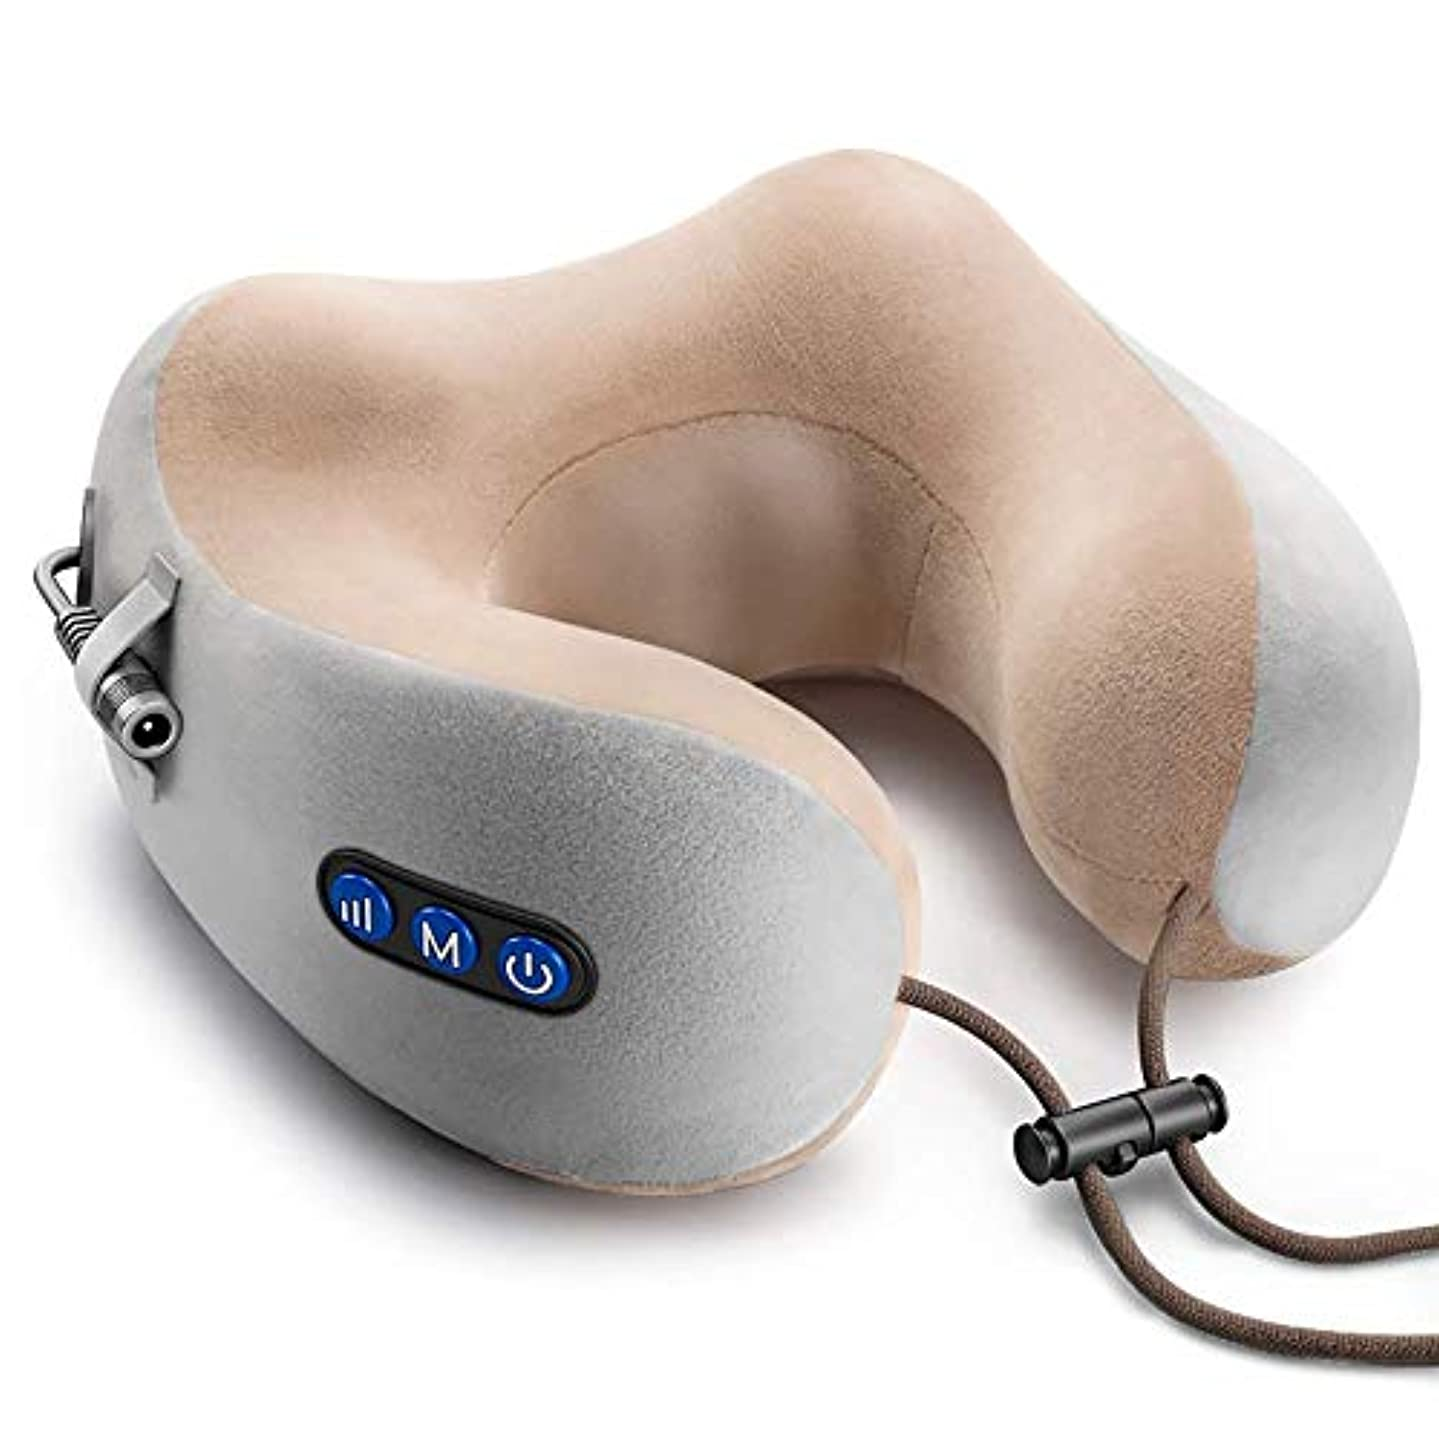 オズワルド建築たまに【父の日】Starmory U型 首マッサージャー USB充電式 マッサージ枕 ネックマッサージ 多機能ピロー マッサージ器 三つのモード マッサージ 人間工学設計 疲れ解消 睡眠を促進 家庭用/職場用/旅行 日本語取扱説明書付